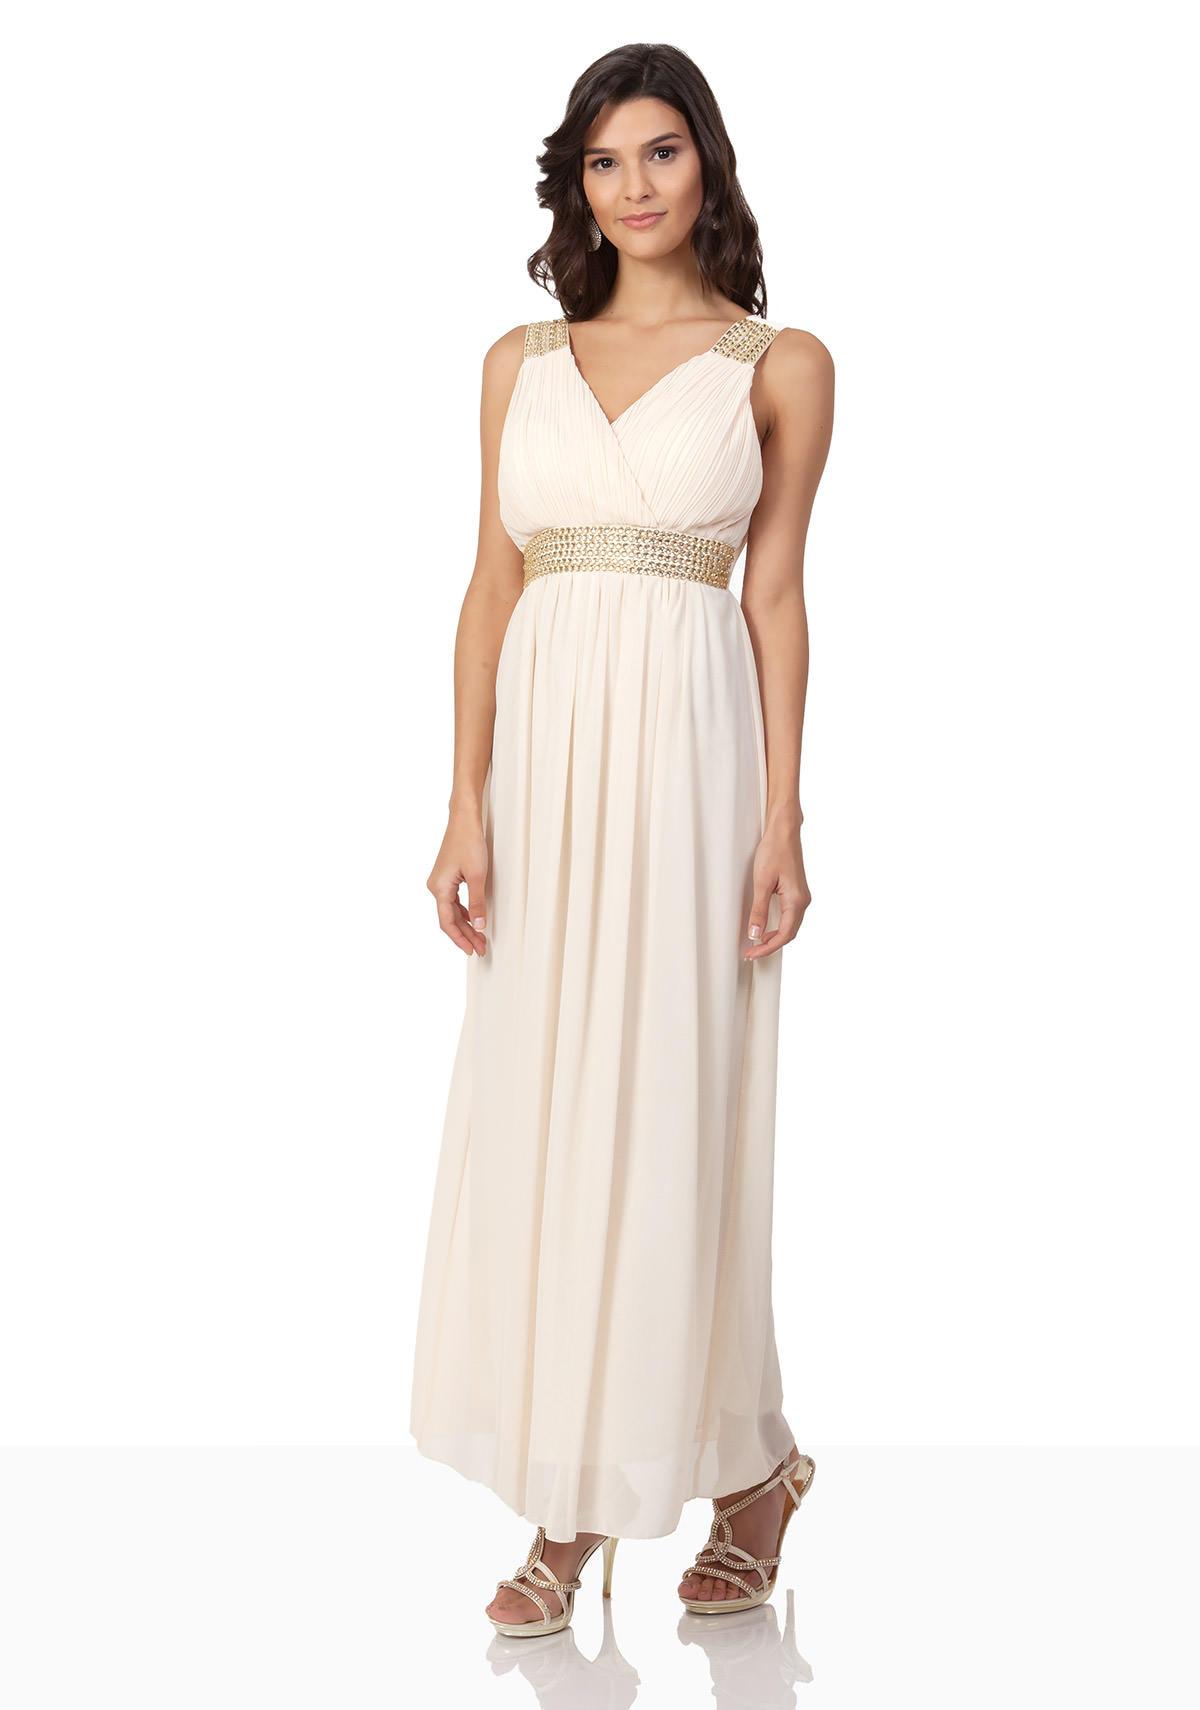 13 Großartig Abendkleid Ivory SpezialgebietAbend Wunderbar Abendkleid Ivory für 2019